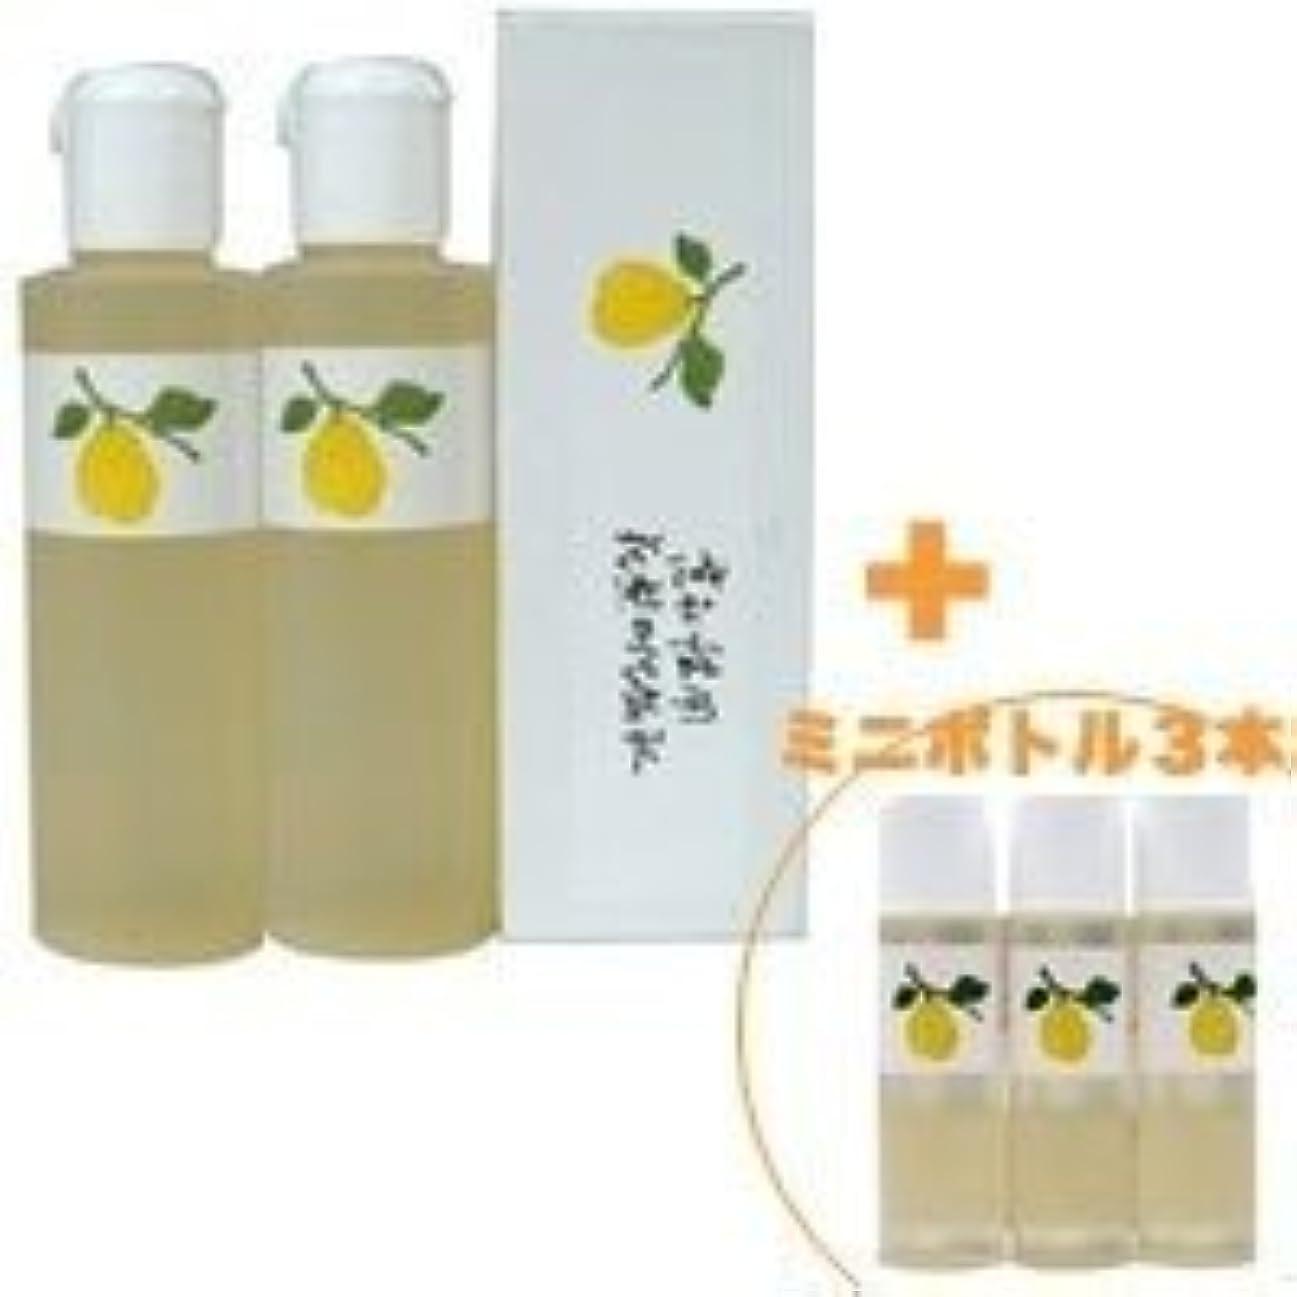 平行無視する魂花梨の化粧水 200ml 2本&ミニボトル 3本 美容液 栄養クリームのいらないお肌へ 保湿と乾燥対策に